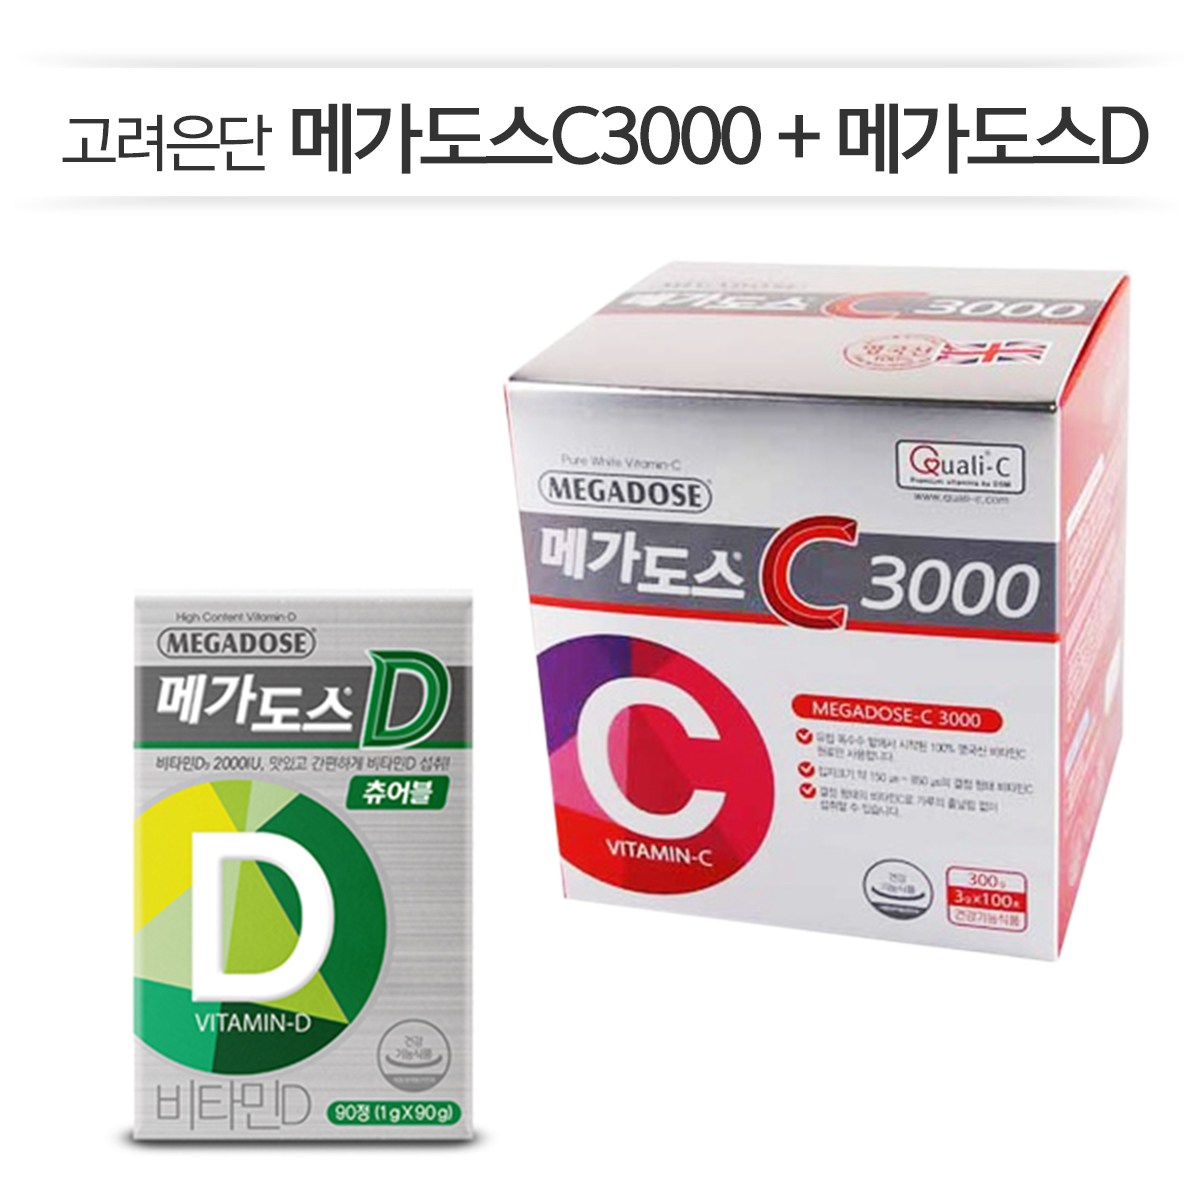 [고려은단] 메가도스 C 3000 1상자 + 비타민D 츄어블 1병 영양제세트, 1박스